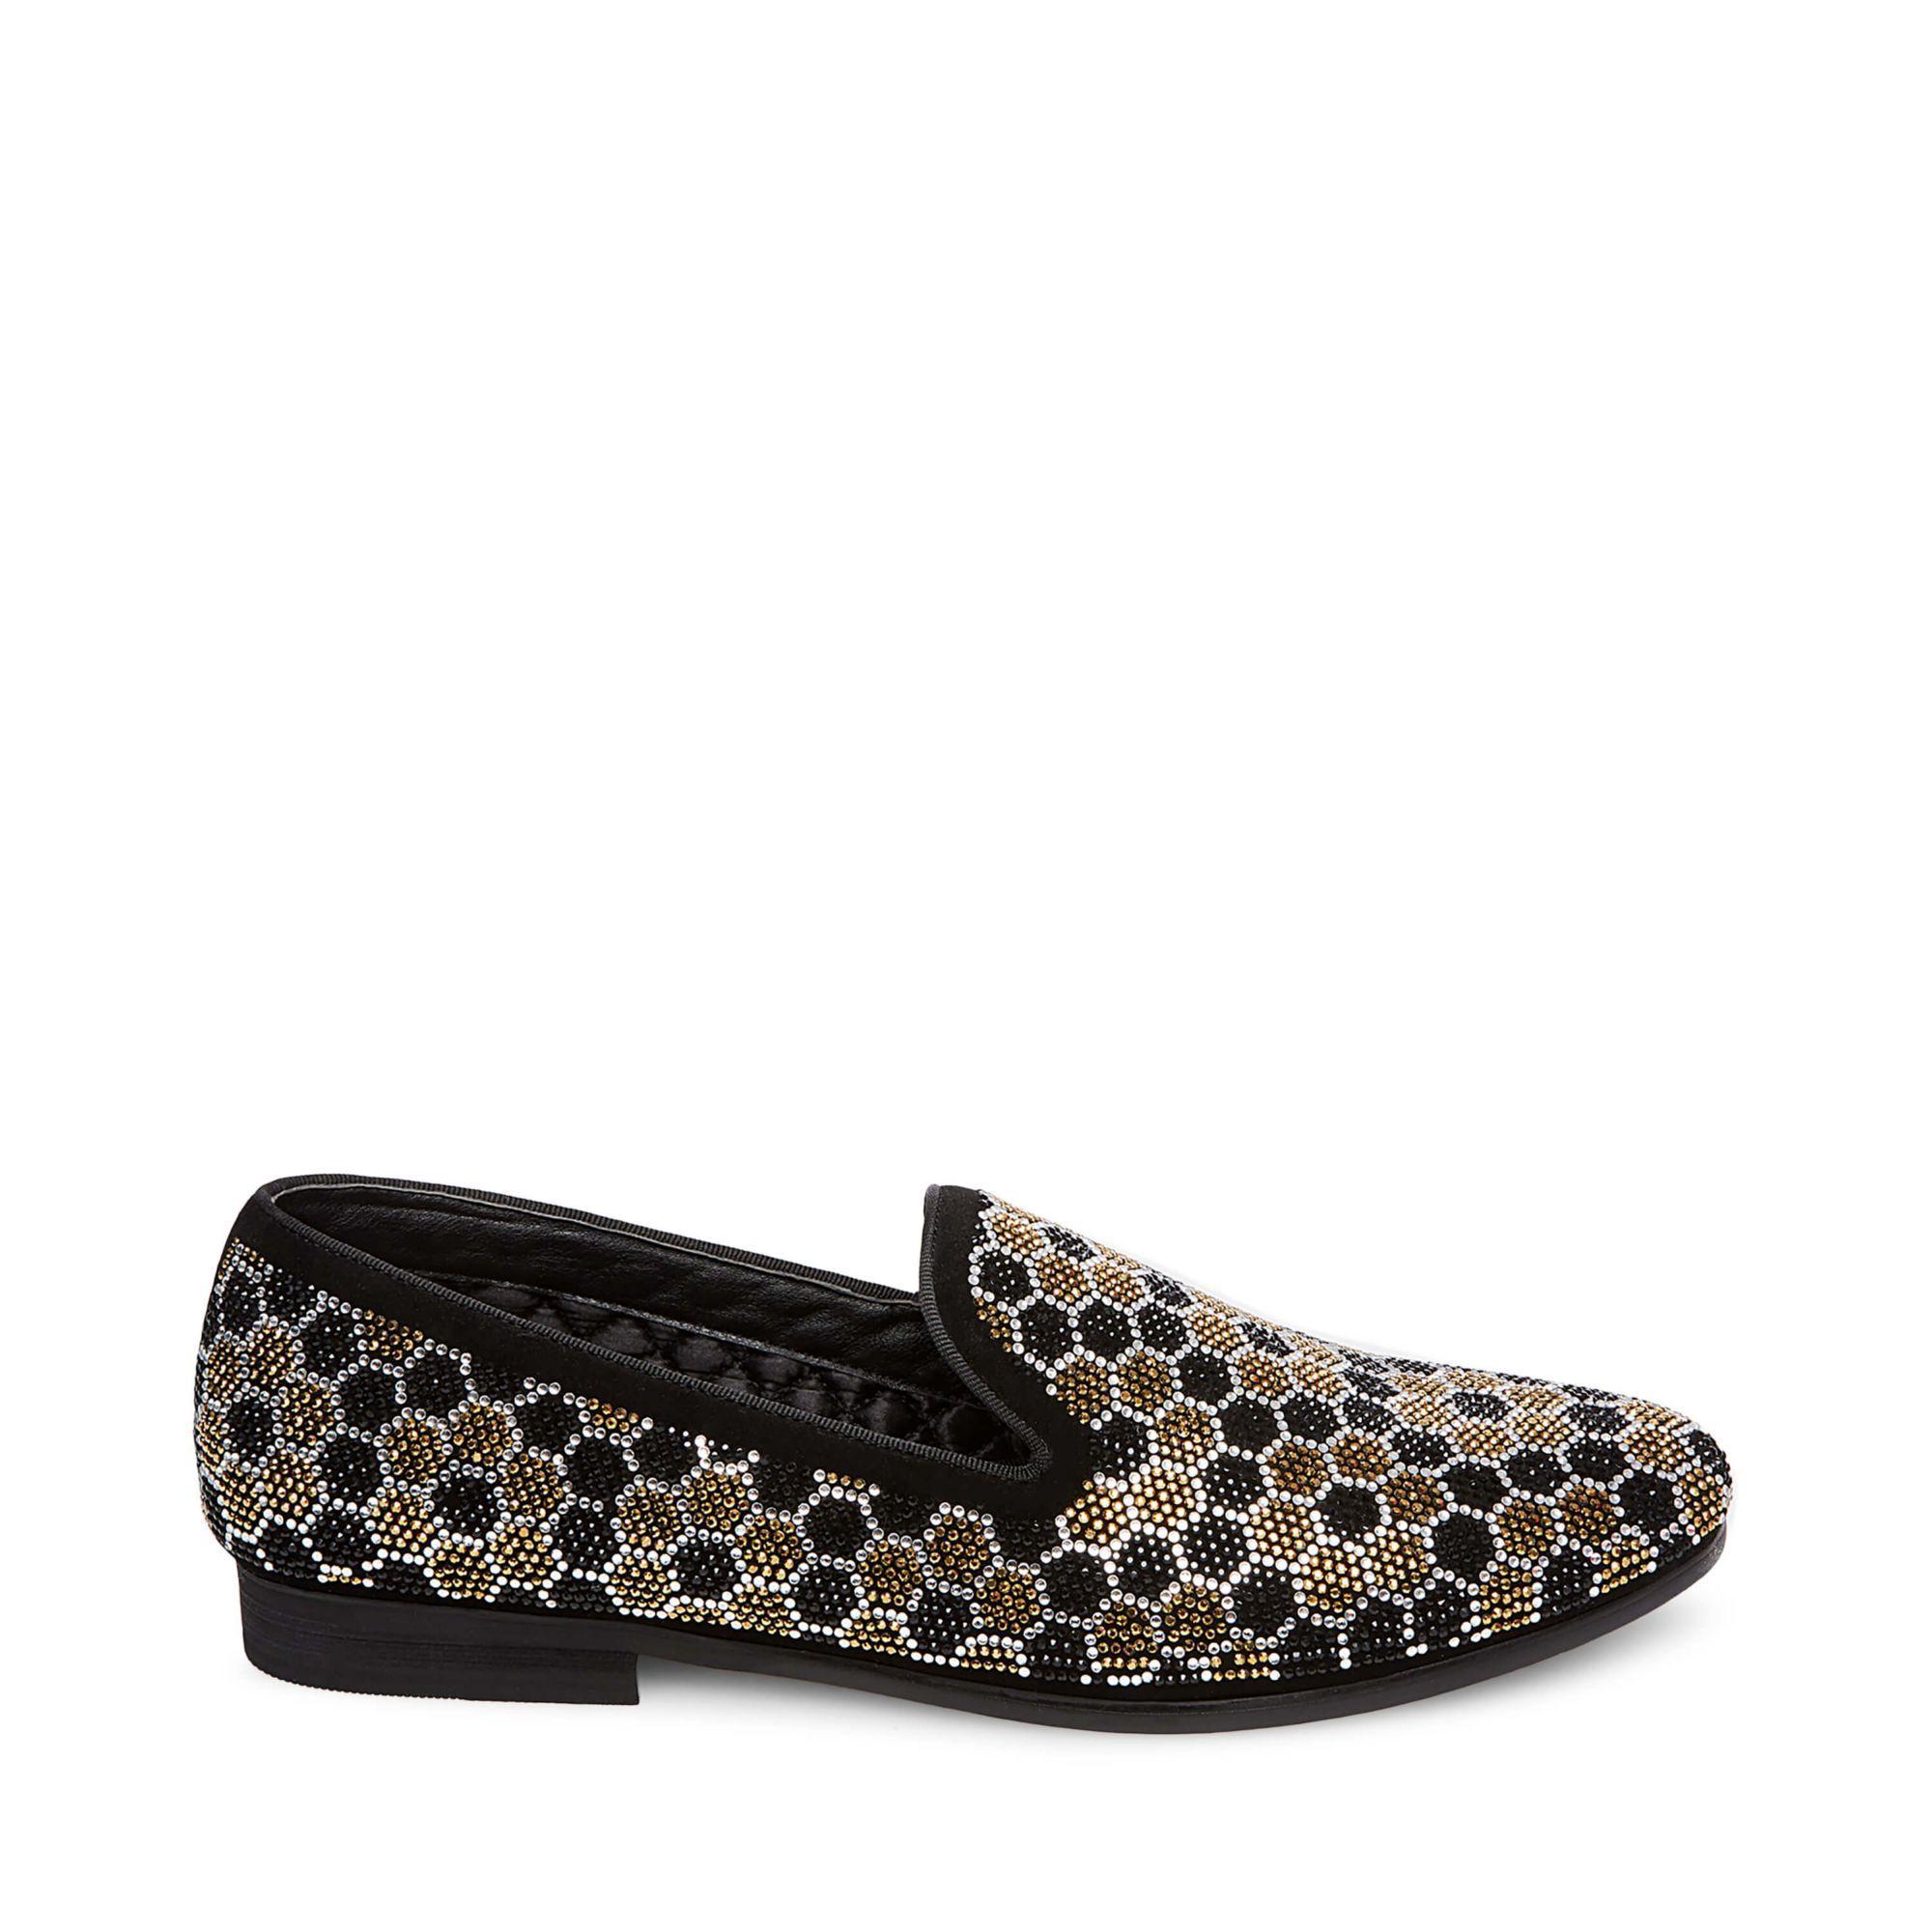 Steve Madden Caspian Studded Venetian Loafer In Black/ Gold